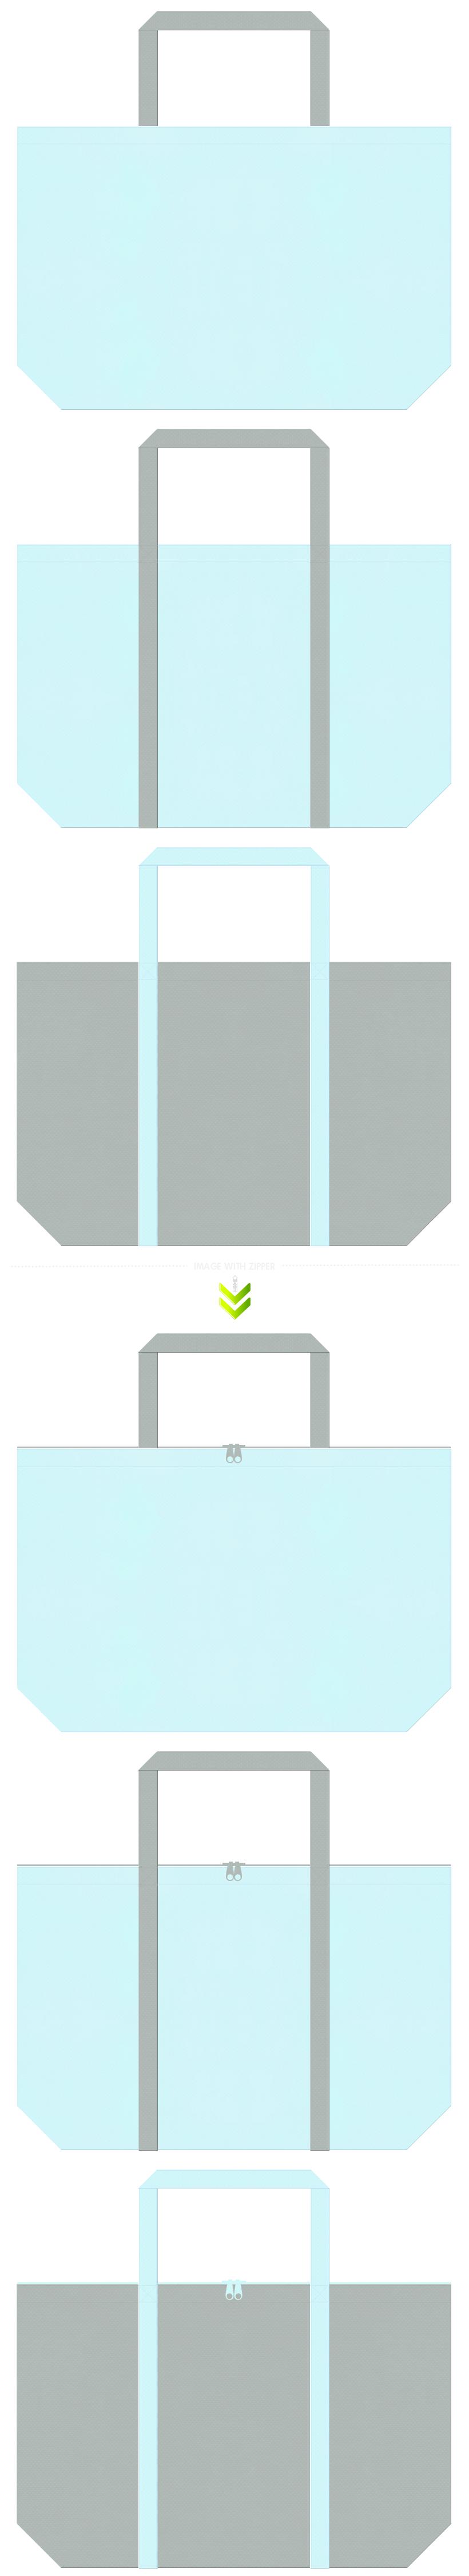 水色とグレー色の不織布エコバッグのデザイン。水道設備・ビニールハウス・スプリンクラーのイメージにお奨めの配色です。